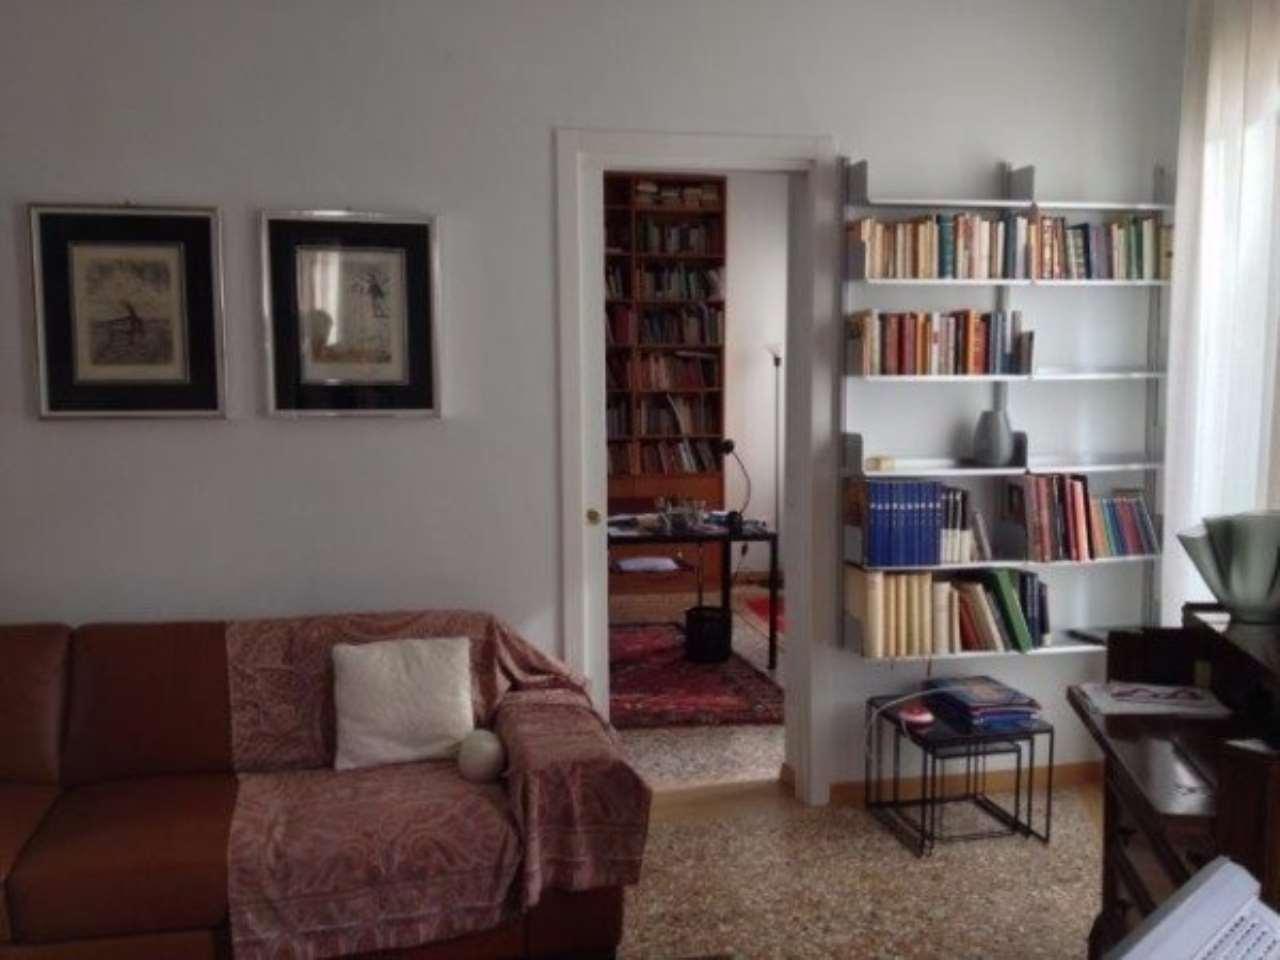 Appartamento in vendita a Venezia, 5 locali, zona Zona: 6 . Dorsoduro, Trattative riservate | CambioCasa.it